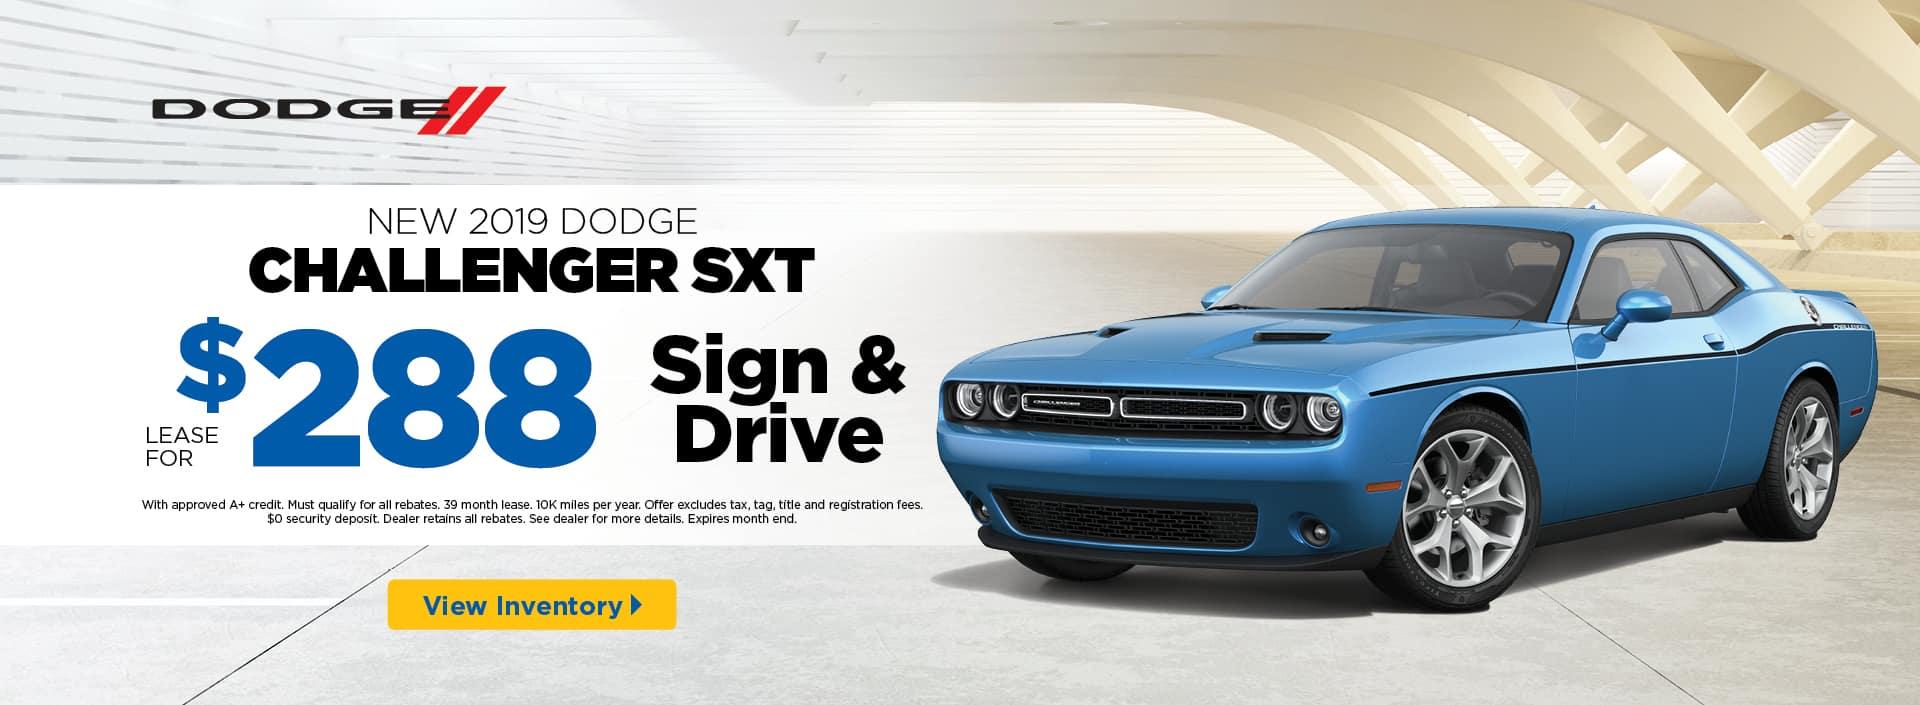 2019 Challenger SXT